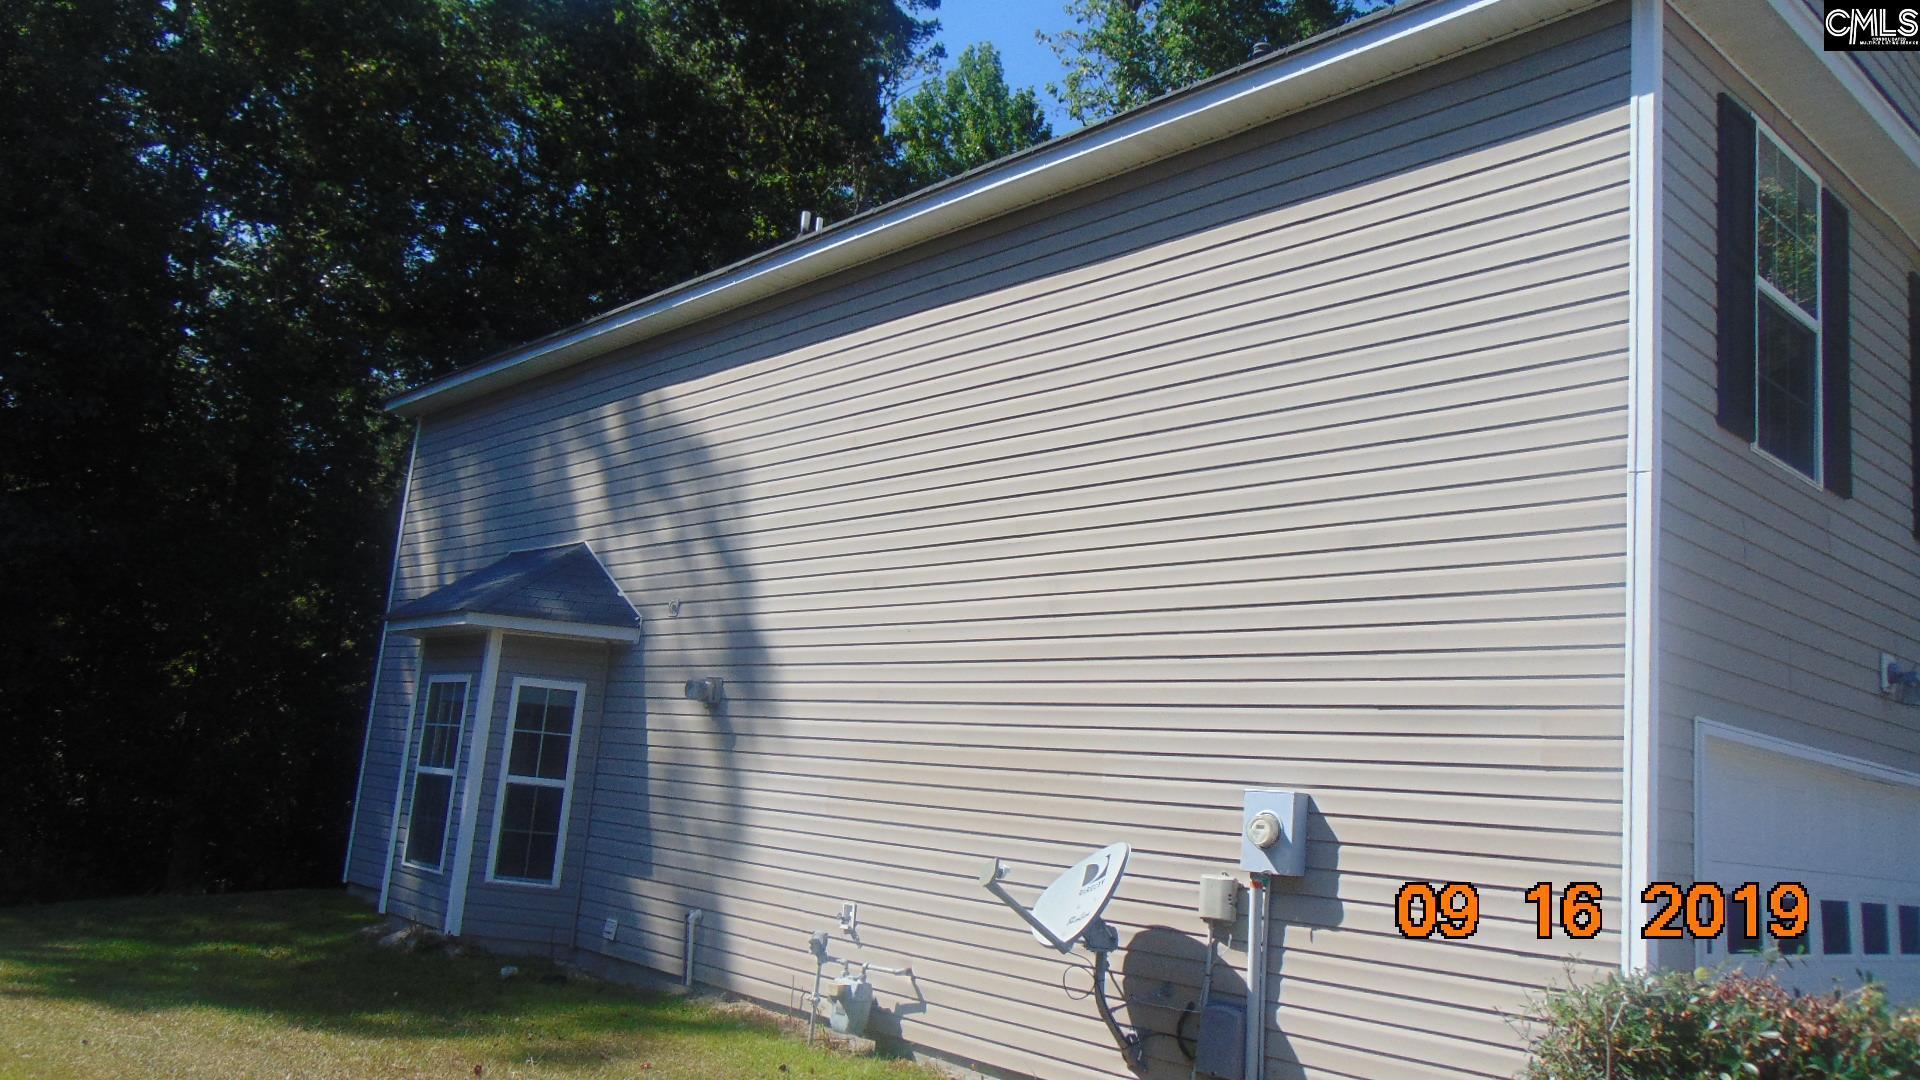 629 Summer Crest Columbia, SC 29223